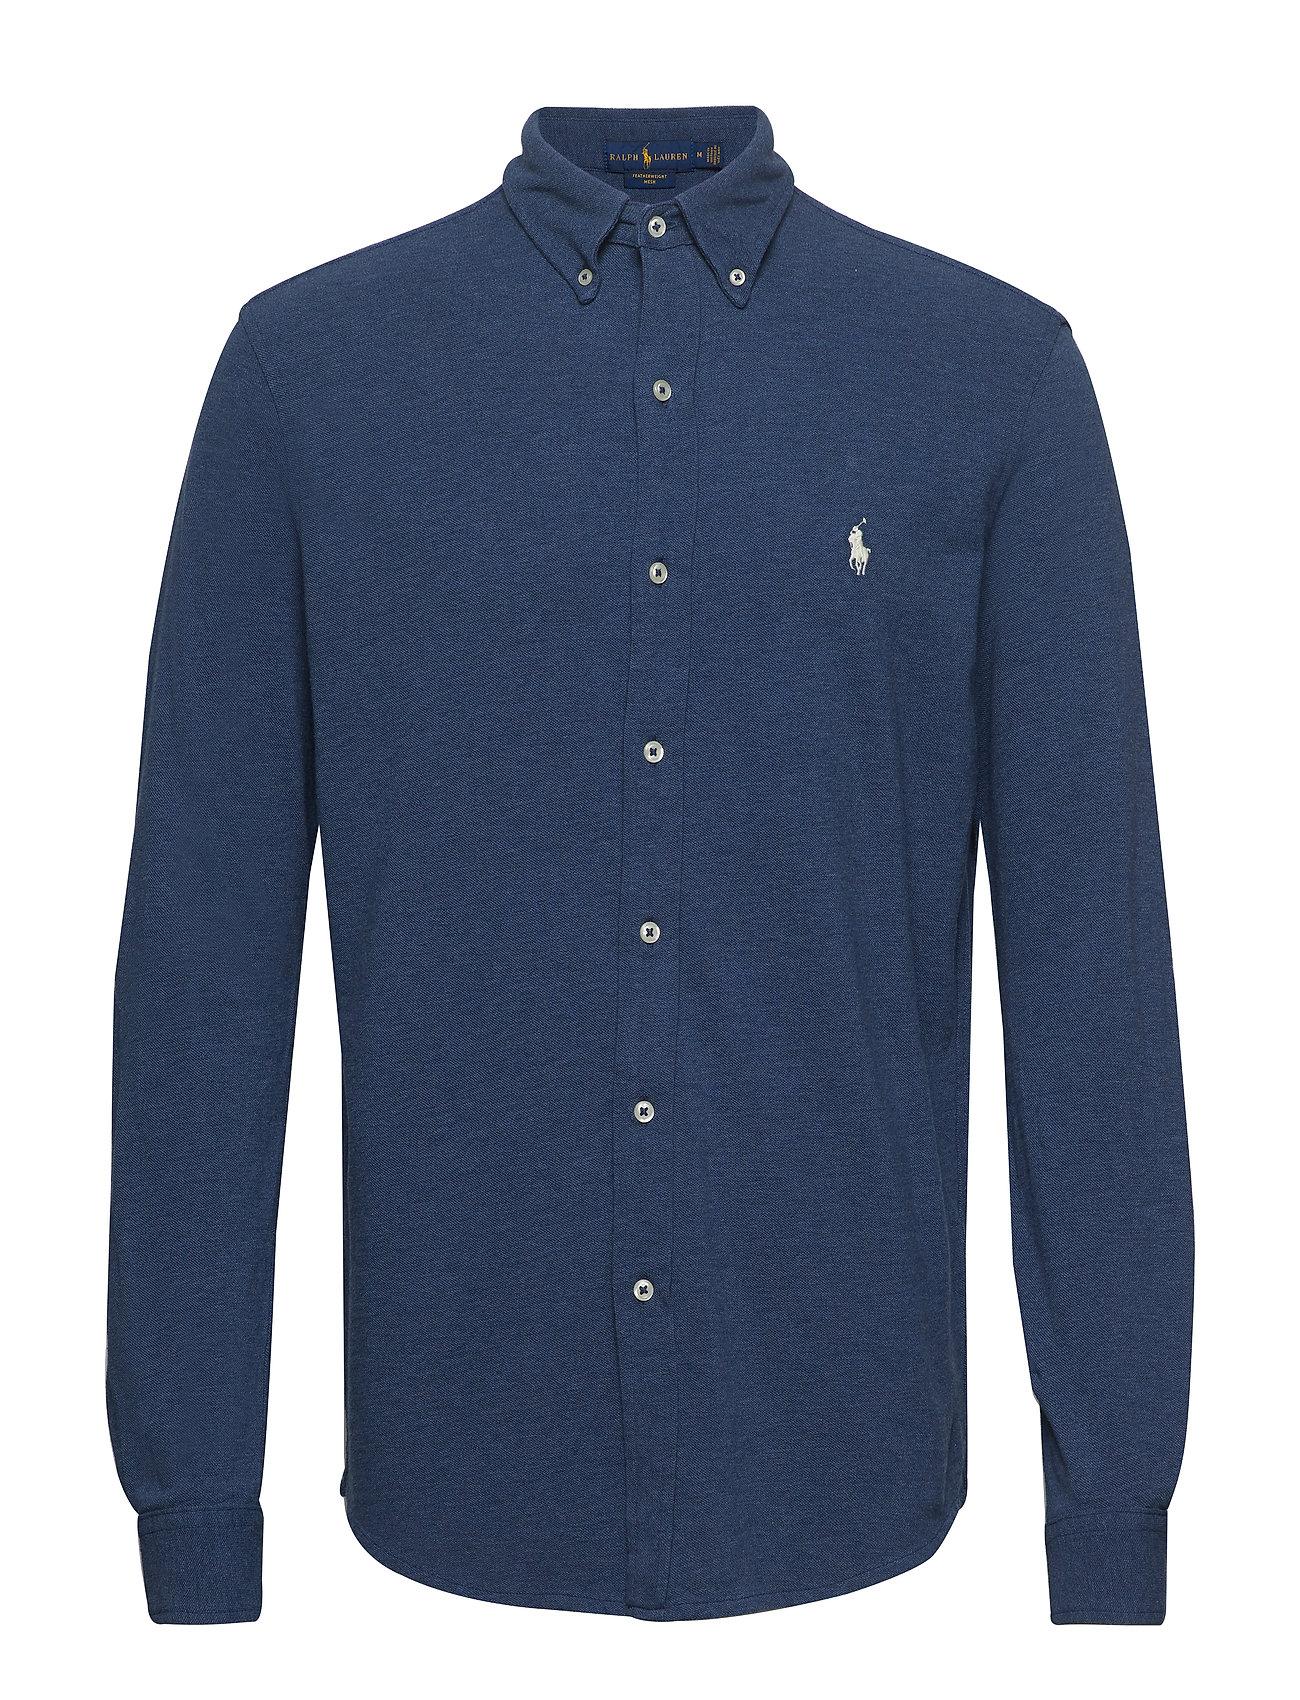 Polo Ralph Lauren Featherweight Mesh Shirt - DERBY BLUE HEATHE